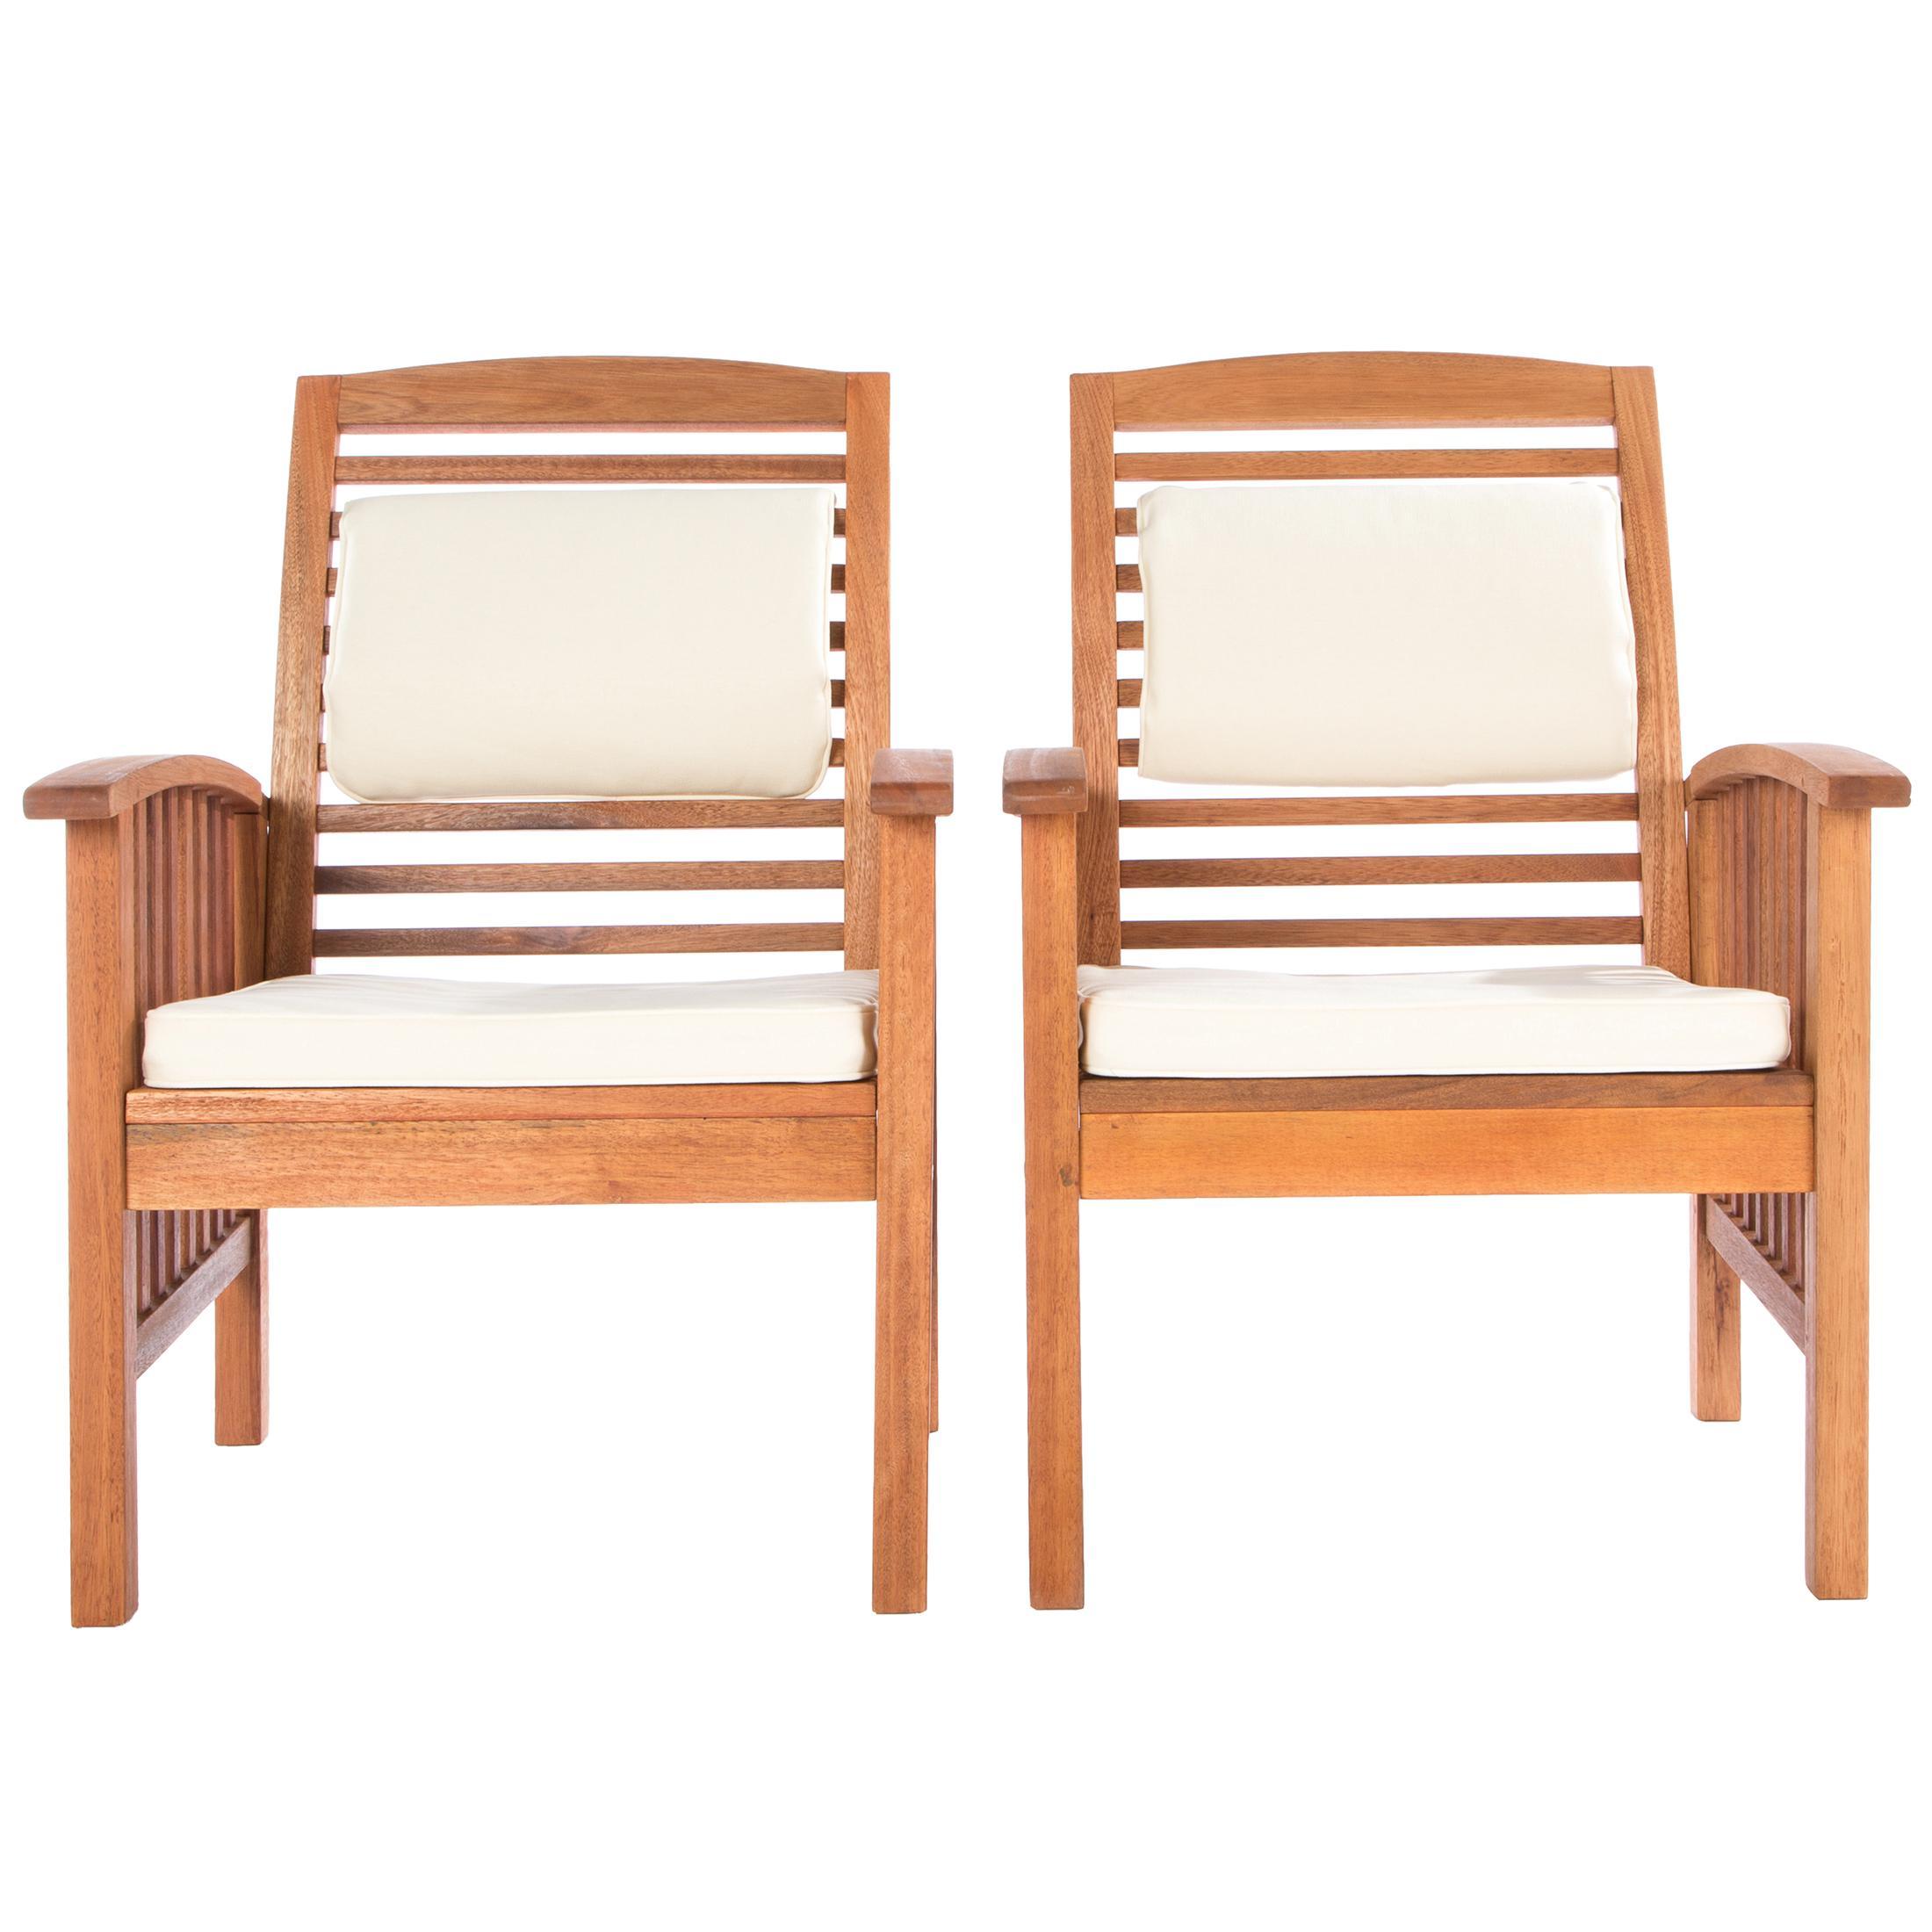 ultranatura loungestuhl 2er set canberra serie edles hochwertiges eukalyptusholz. Black Bedroom Furniture Sets. Home Design Ideas